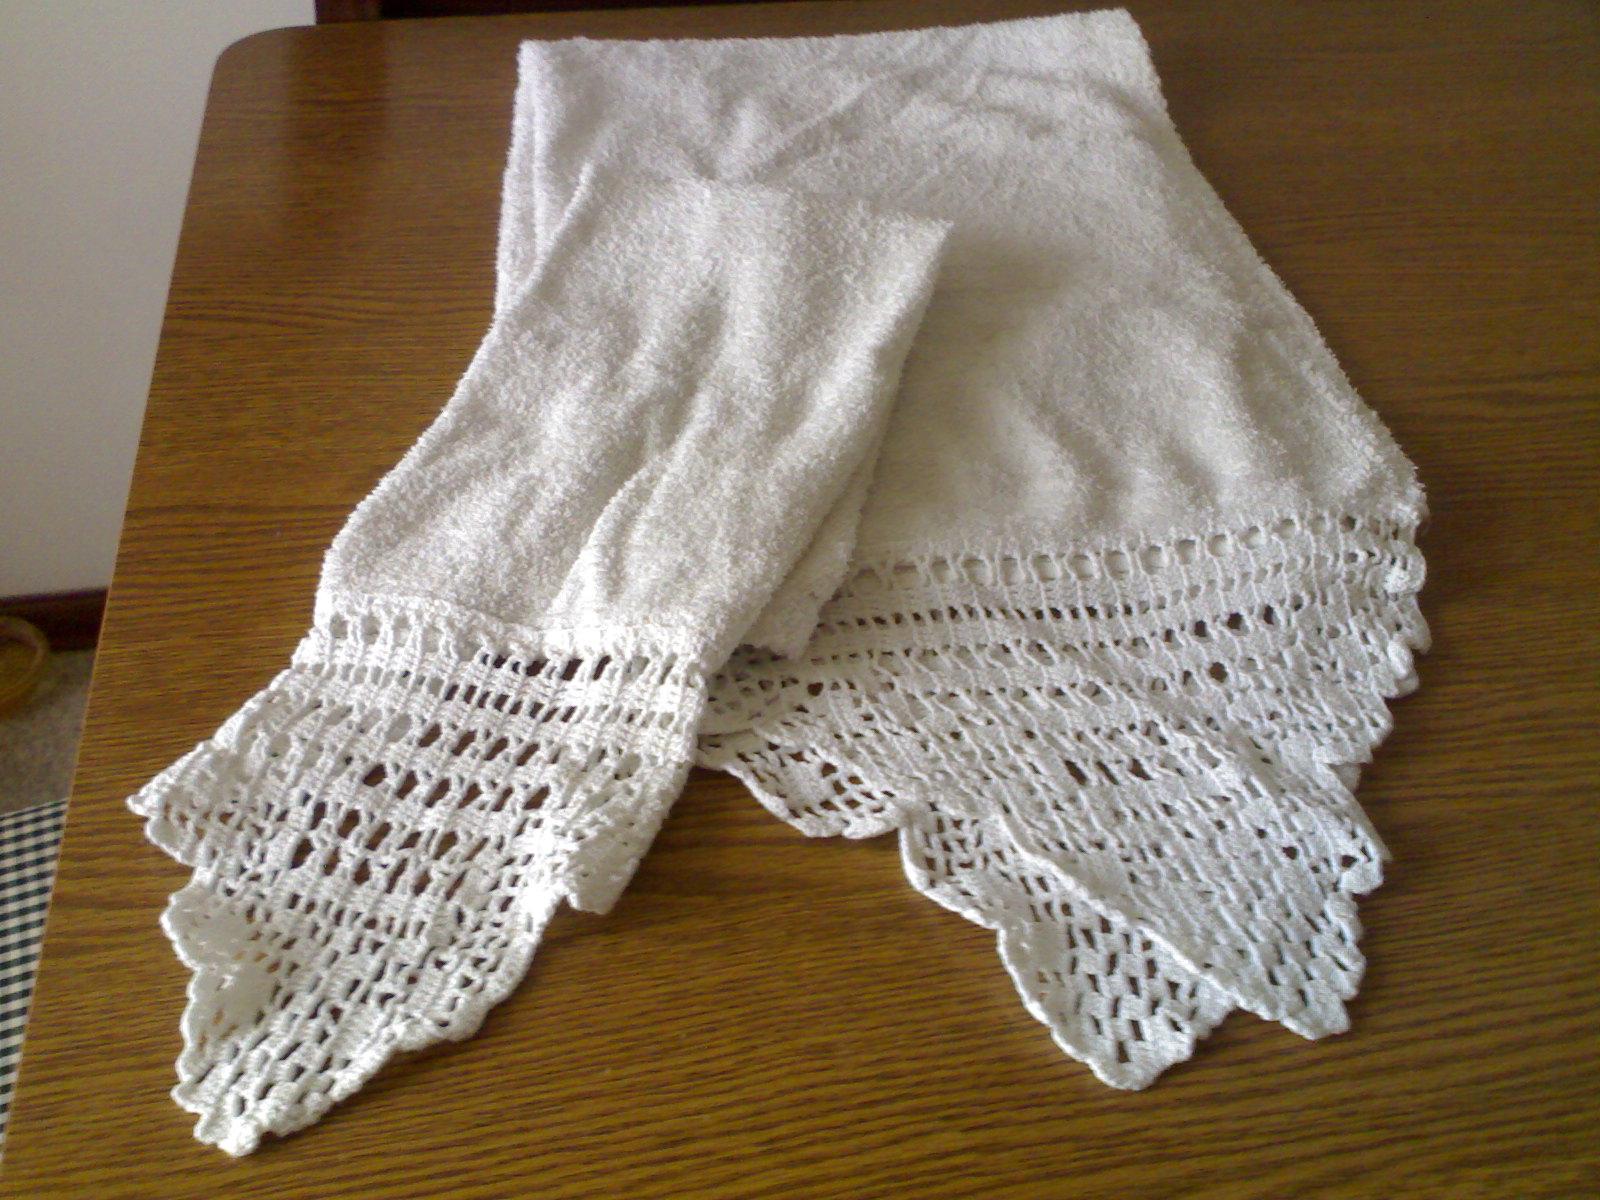 Laboratorio Di Zia Polly Bordi Alluncinetto Per Asciugamani